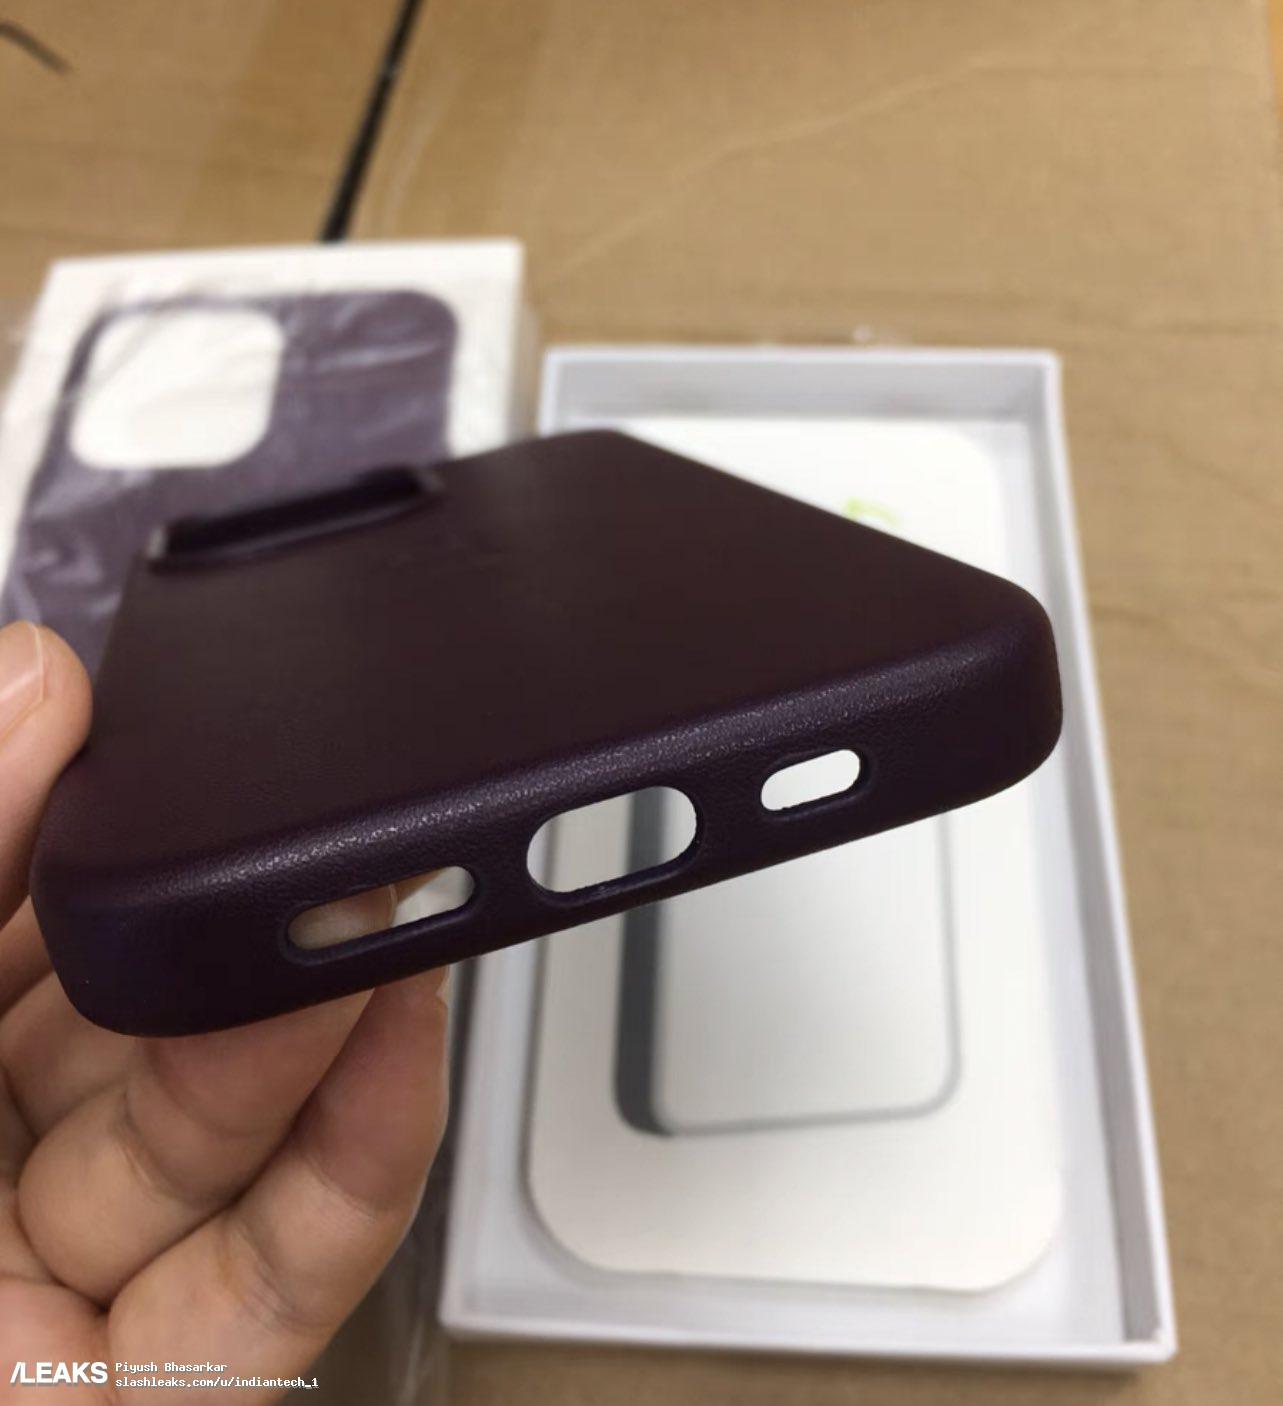 W sieci pojawiły się zdjęcia oryginalnych etui Apple do iPhone 13 ciekawostki silikonowe etui firmy apple, silikonowe etui do iphone 13, iPhone 13 Pro, iPhone 13, Apple  Serwis Slashleaks opublikował nowe zdjęcia silikonowych etui firmy Apple na smartfony z linii iPhone 13. Zobaczcie je wszystkie już teraz. iP13 etui 5